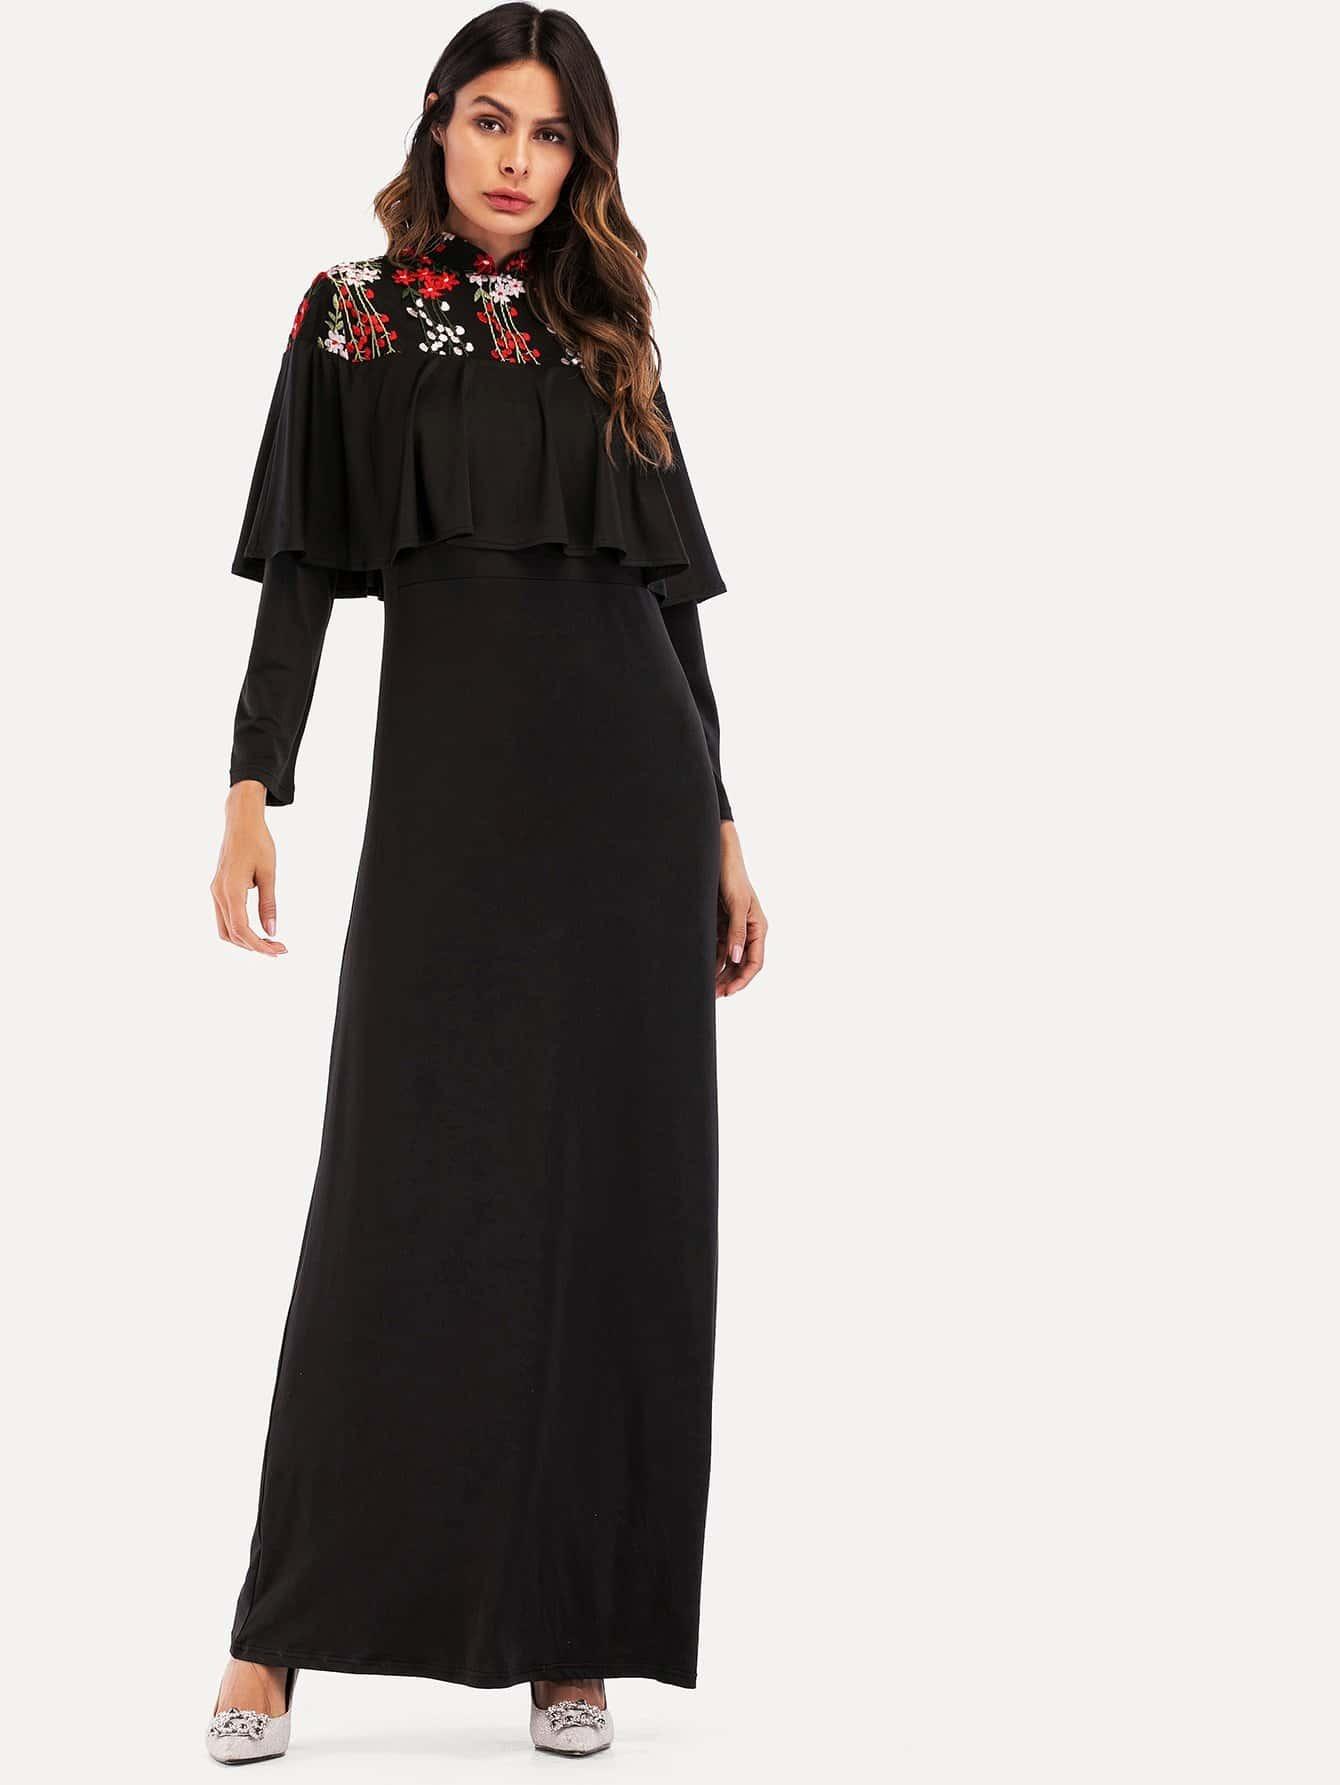 Flower Embroidered Ruffle Hem Longline Dress ruffle waist zip back scallop hem embroidered gingham skirt